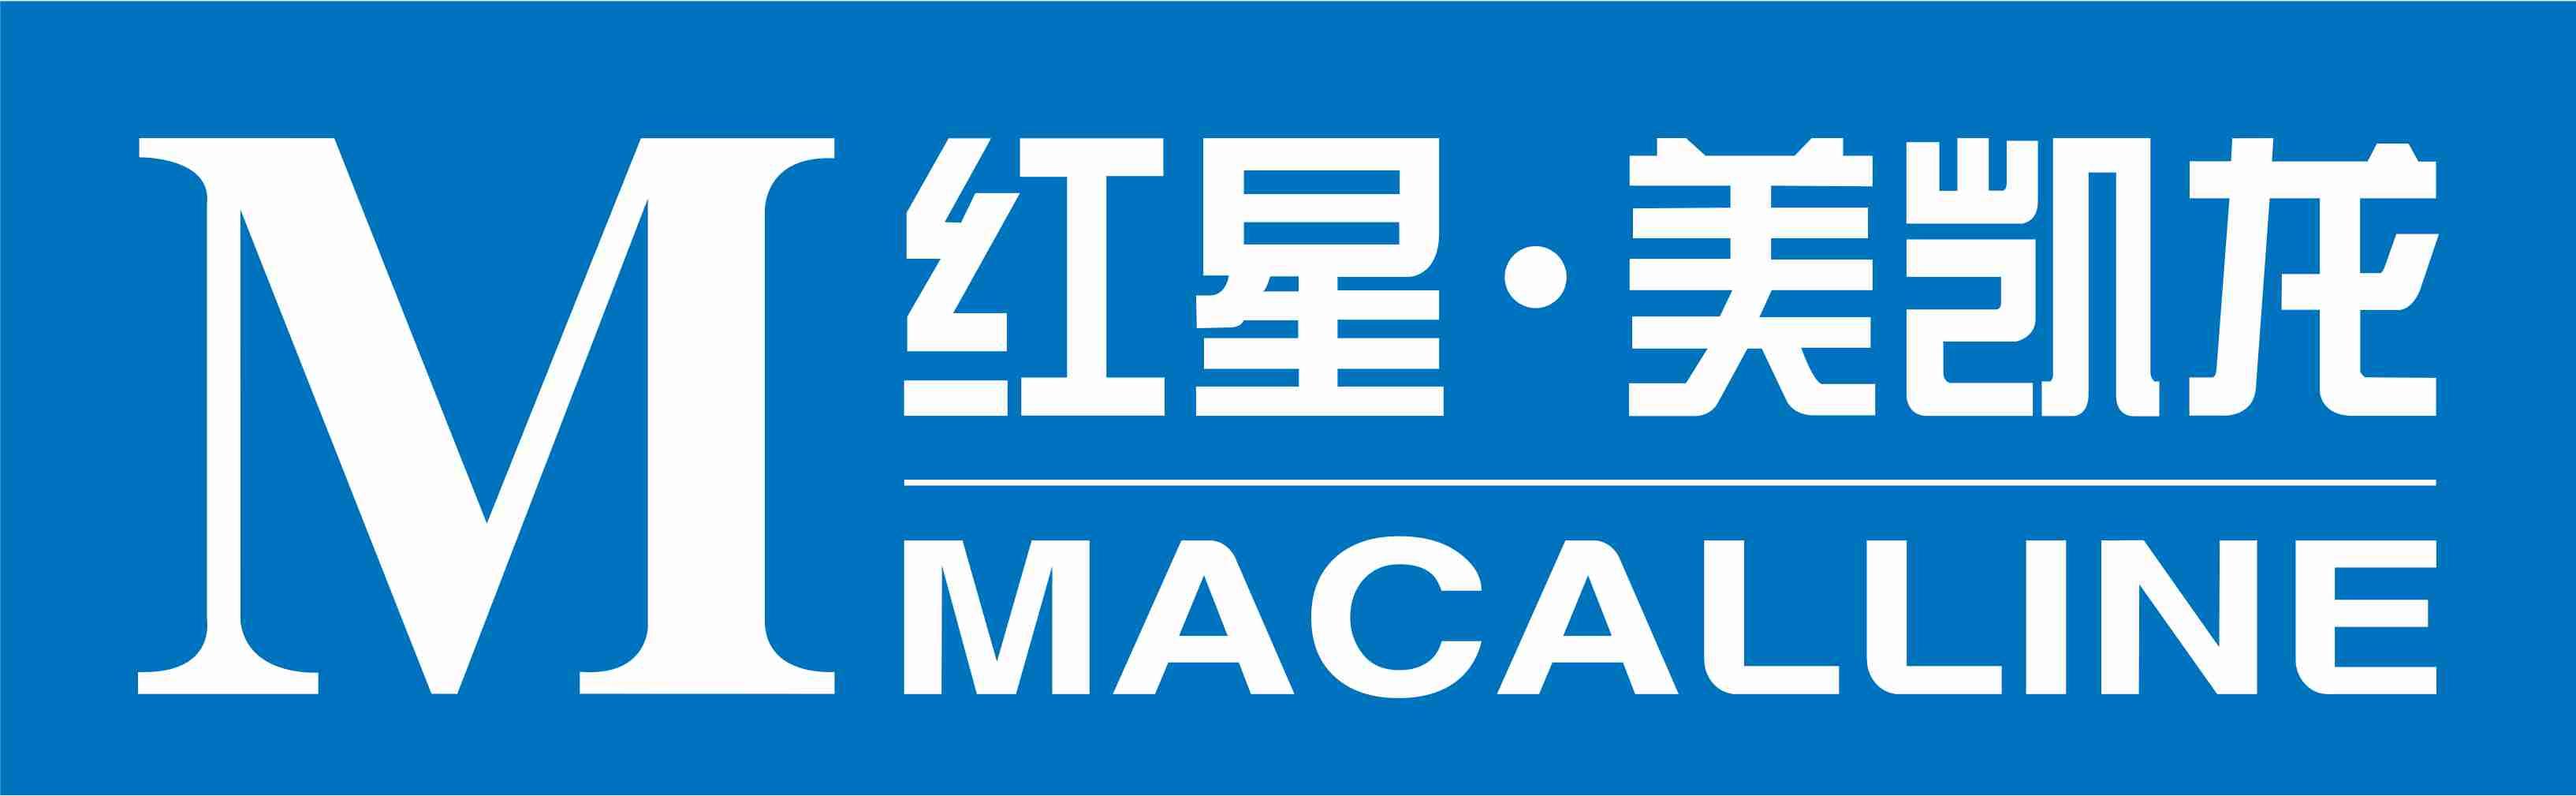 上海紅星美凱龍品牌管理有限公司佛山南海分公司